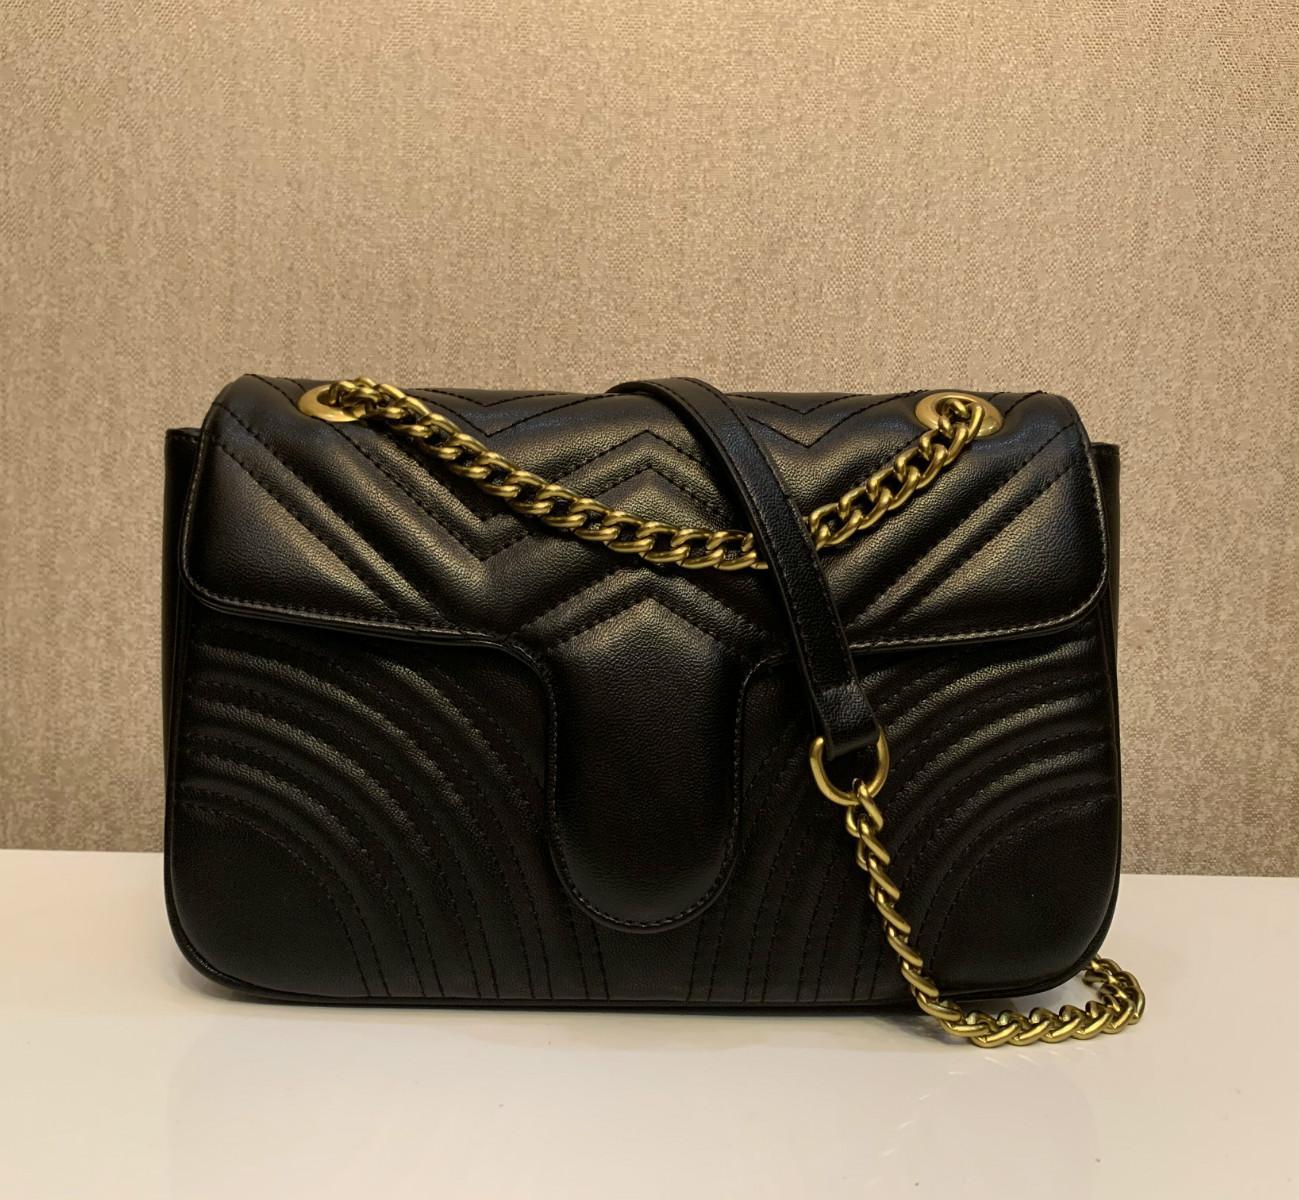 2019 donne arrivate Marmont borse a tracolla delle donne di lusso oro borse a tracolla a catena cuori di qualità messaggio femminile bag 27 centimetri